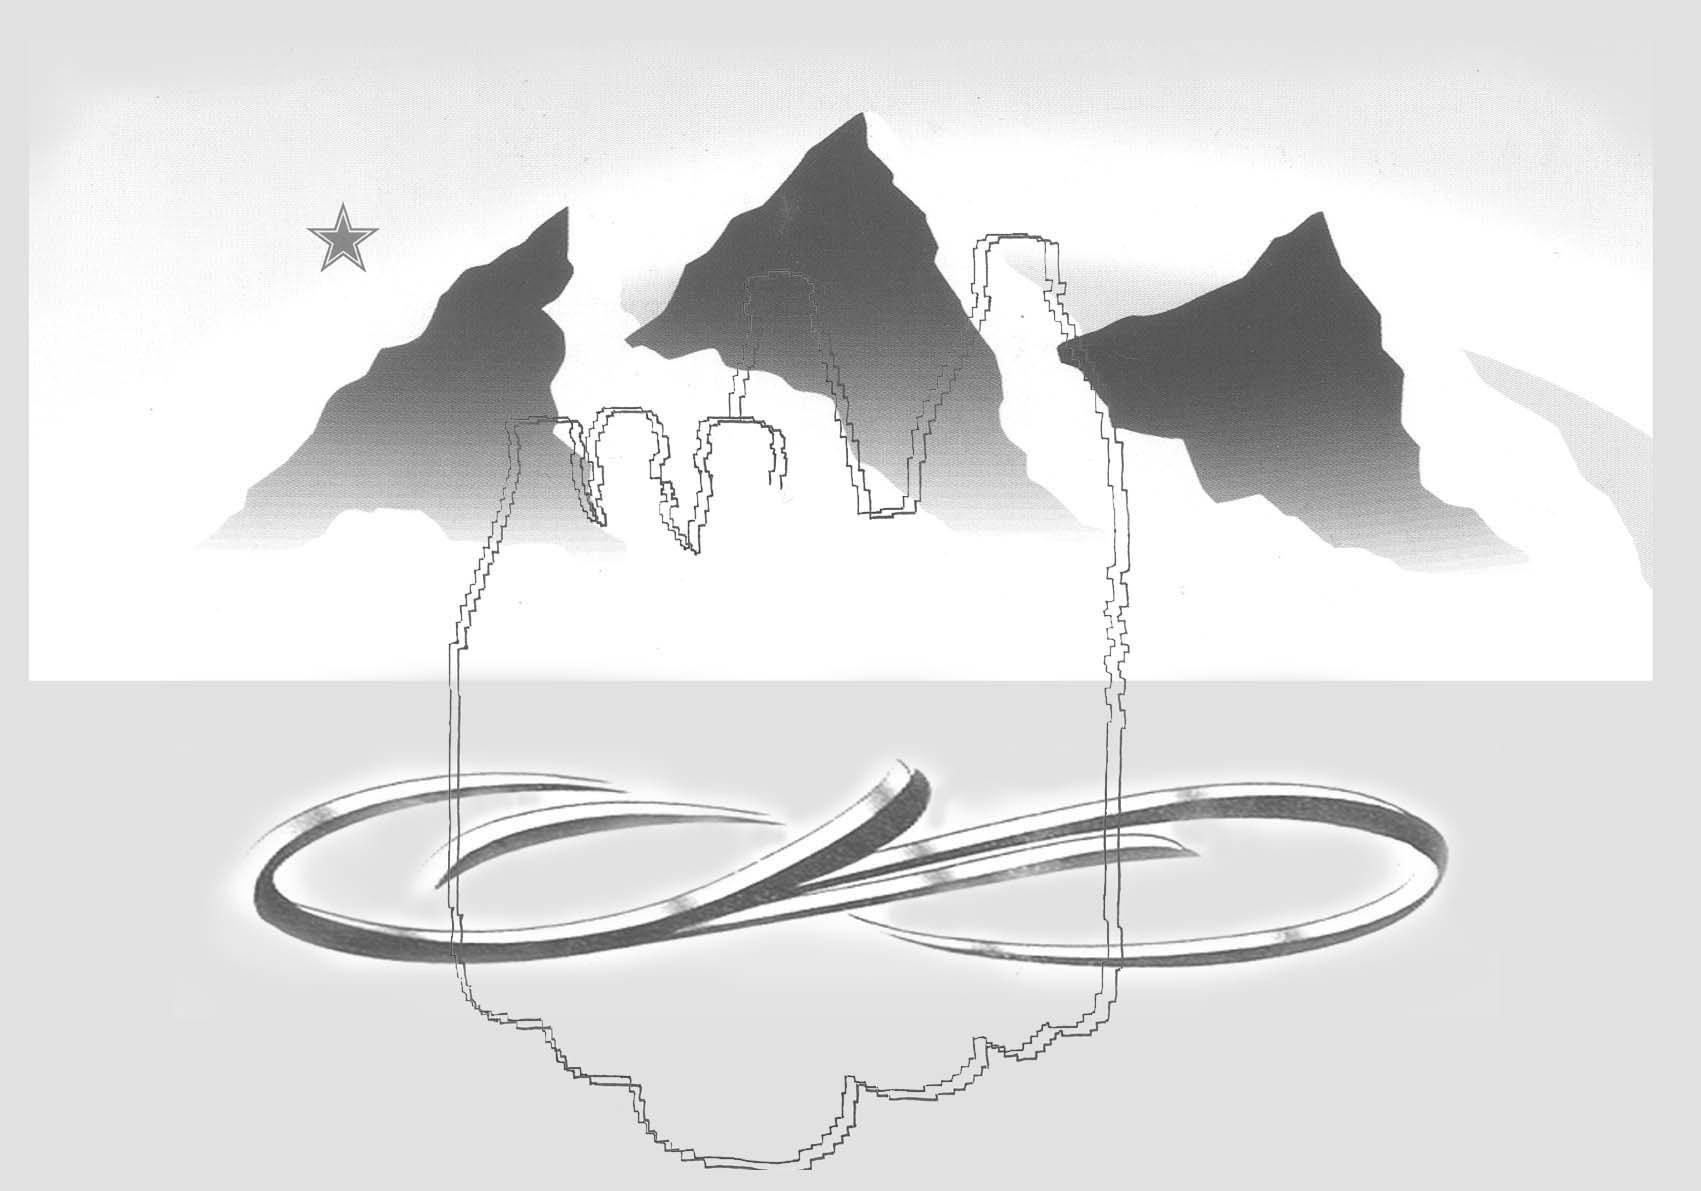 Michele Chiossi THIRSTY LANDSCAPE, 2004  smalti, pigmento d'argento, poliestere disegno dipinto zigzag pixel acqua bottiglie postcard cartolina paesaggio Evian San Pellegrino Ferrarelle arte contemporanea